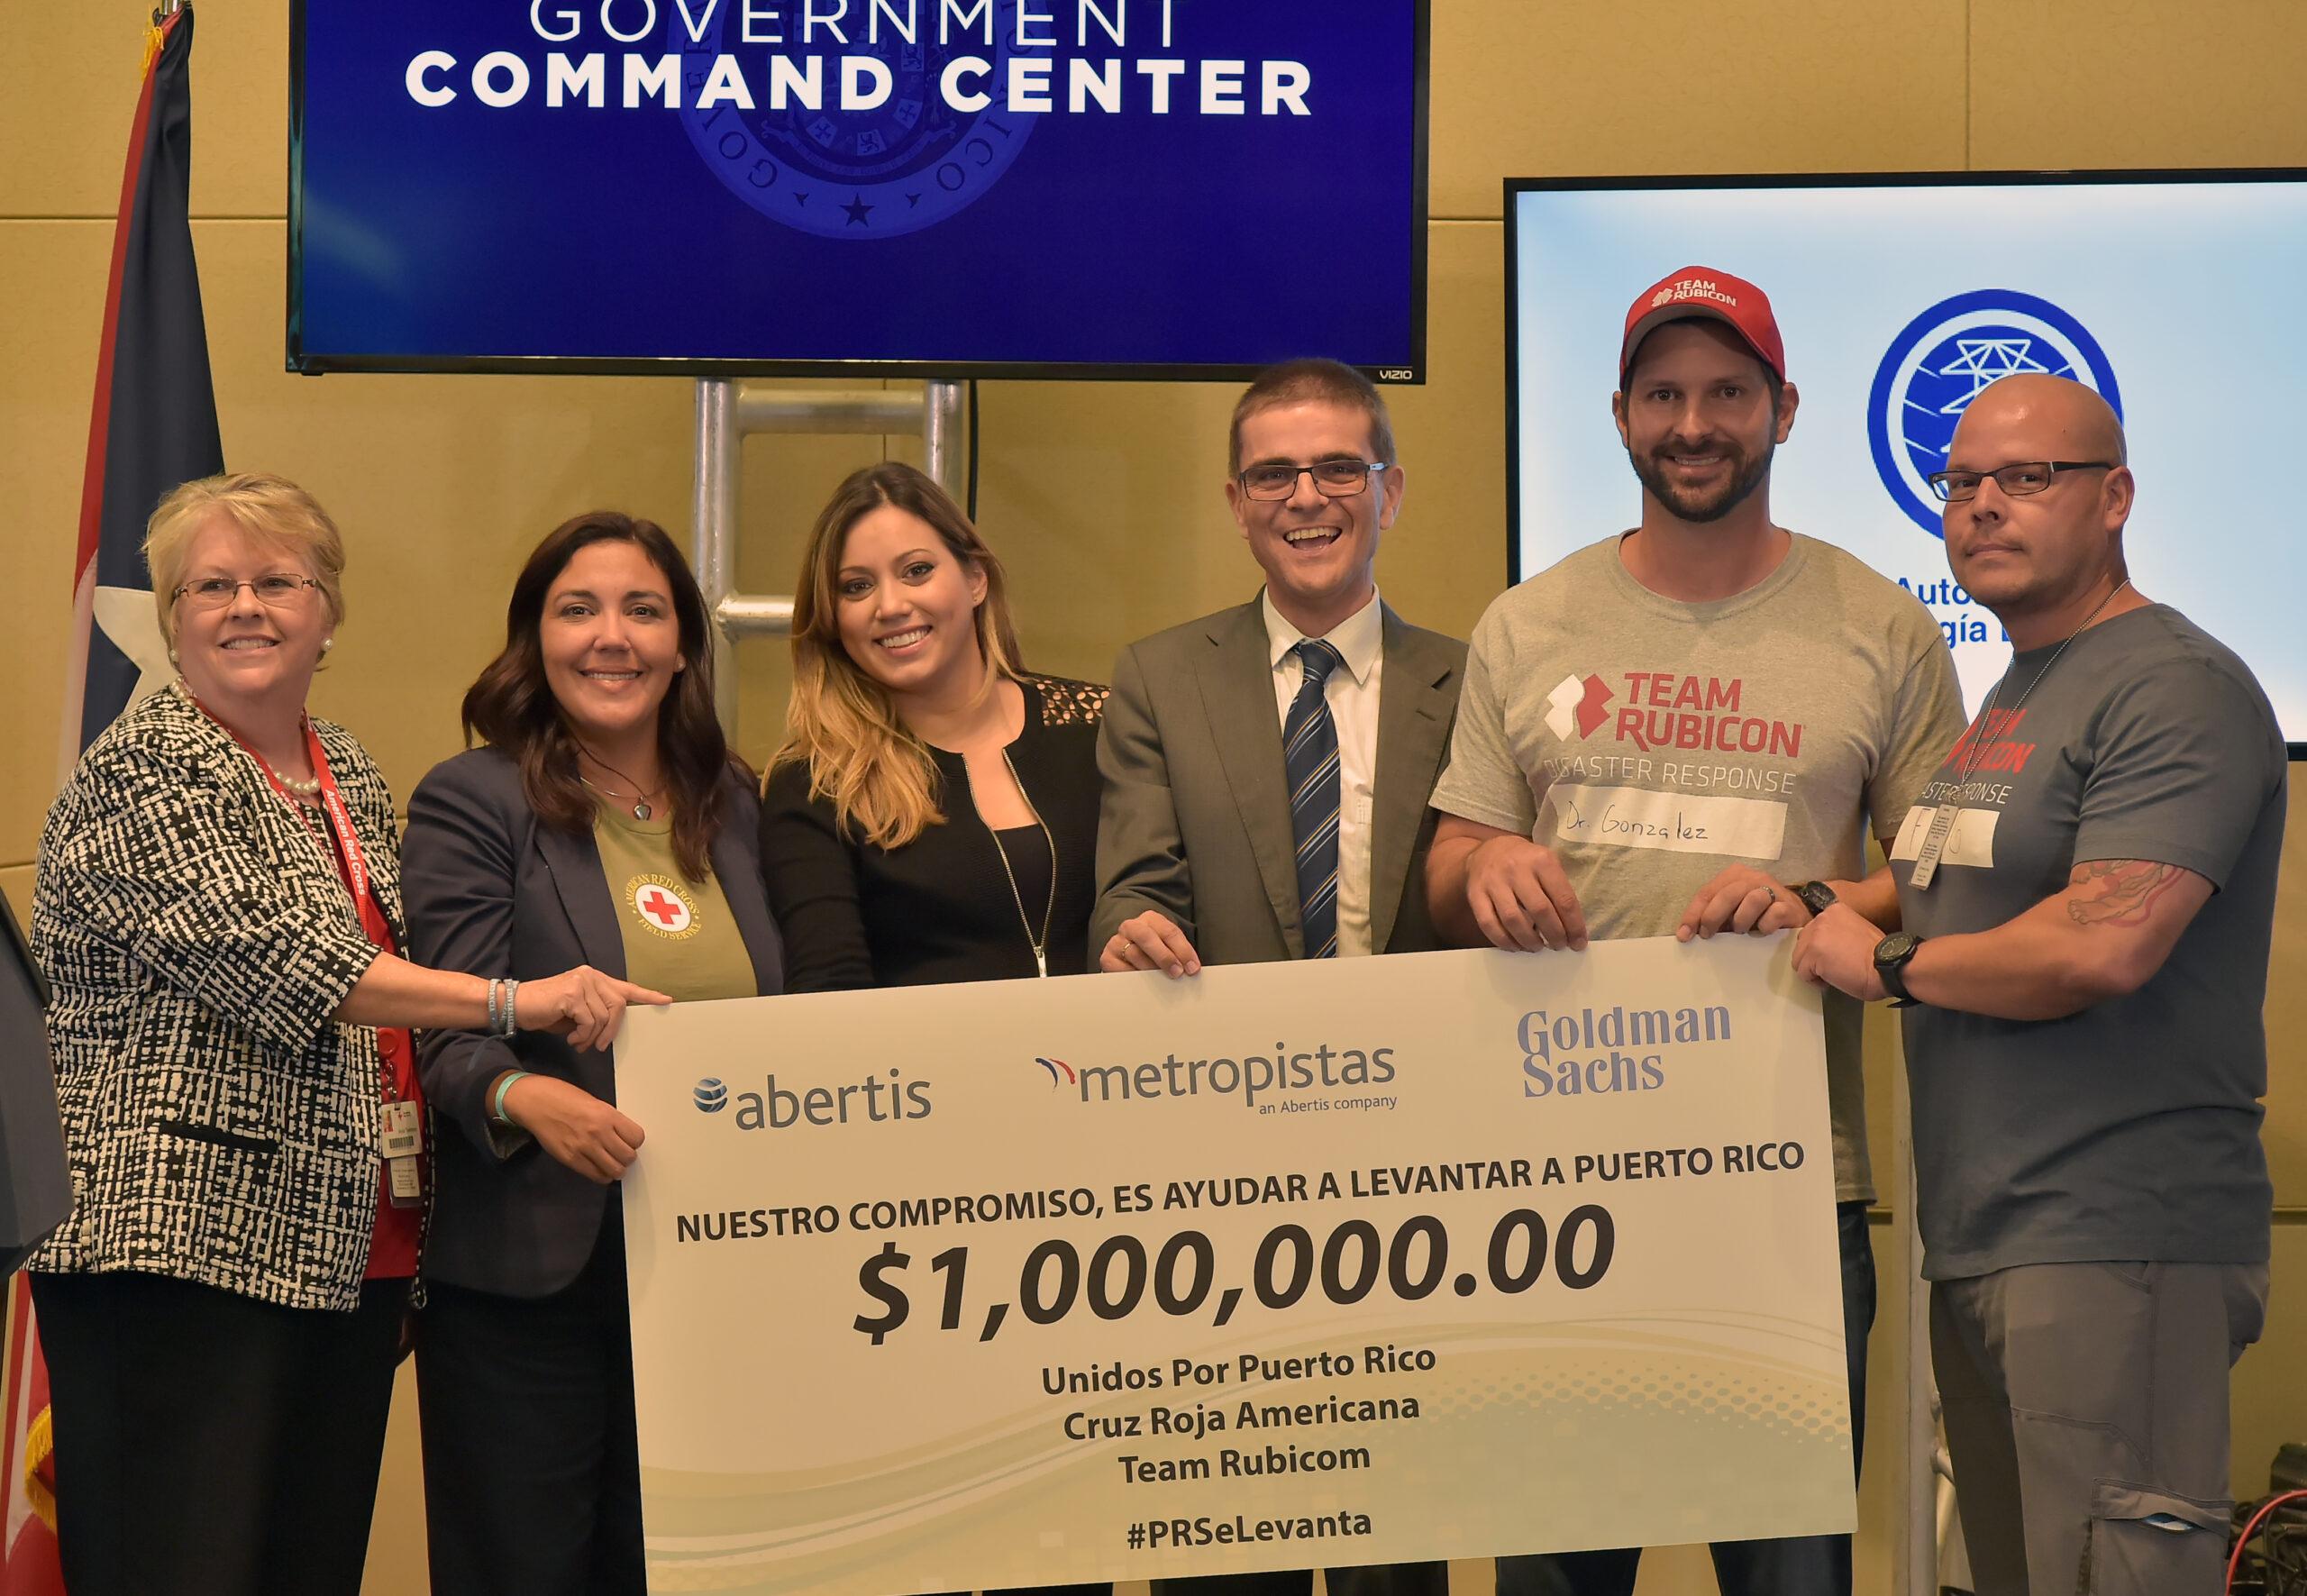 Miembros consorcio metropistas, Abertis Y Goldman Sachs donan $1 millón a iniciativas de ayuda por huracán en Puerto Rico